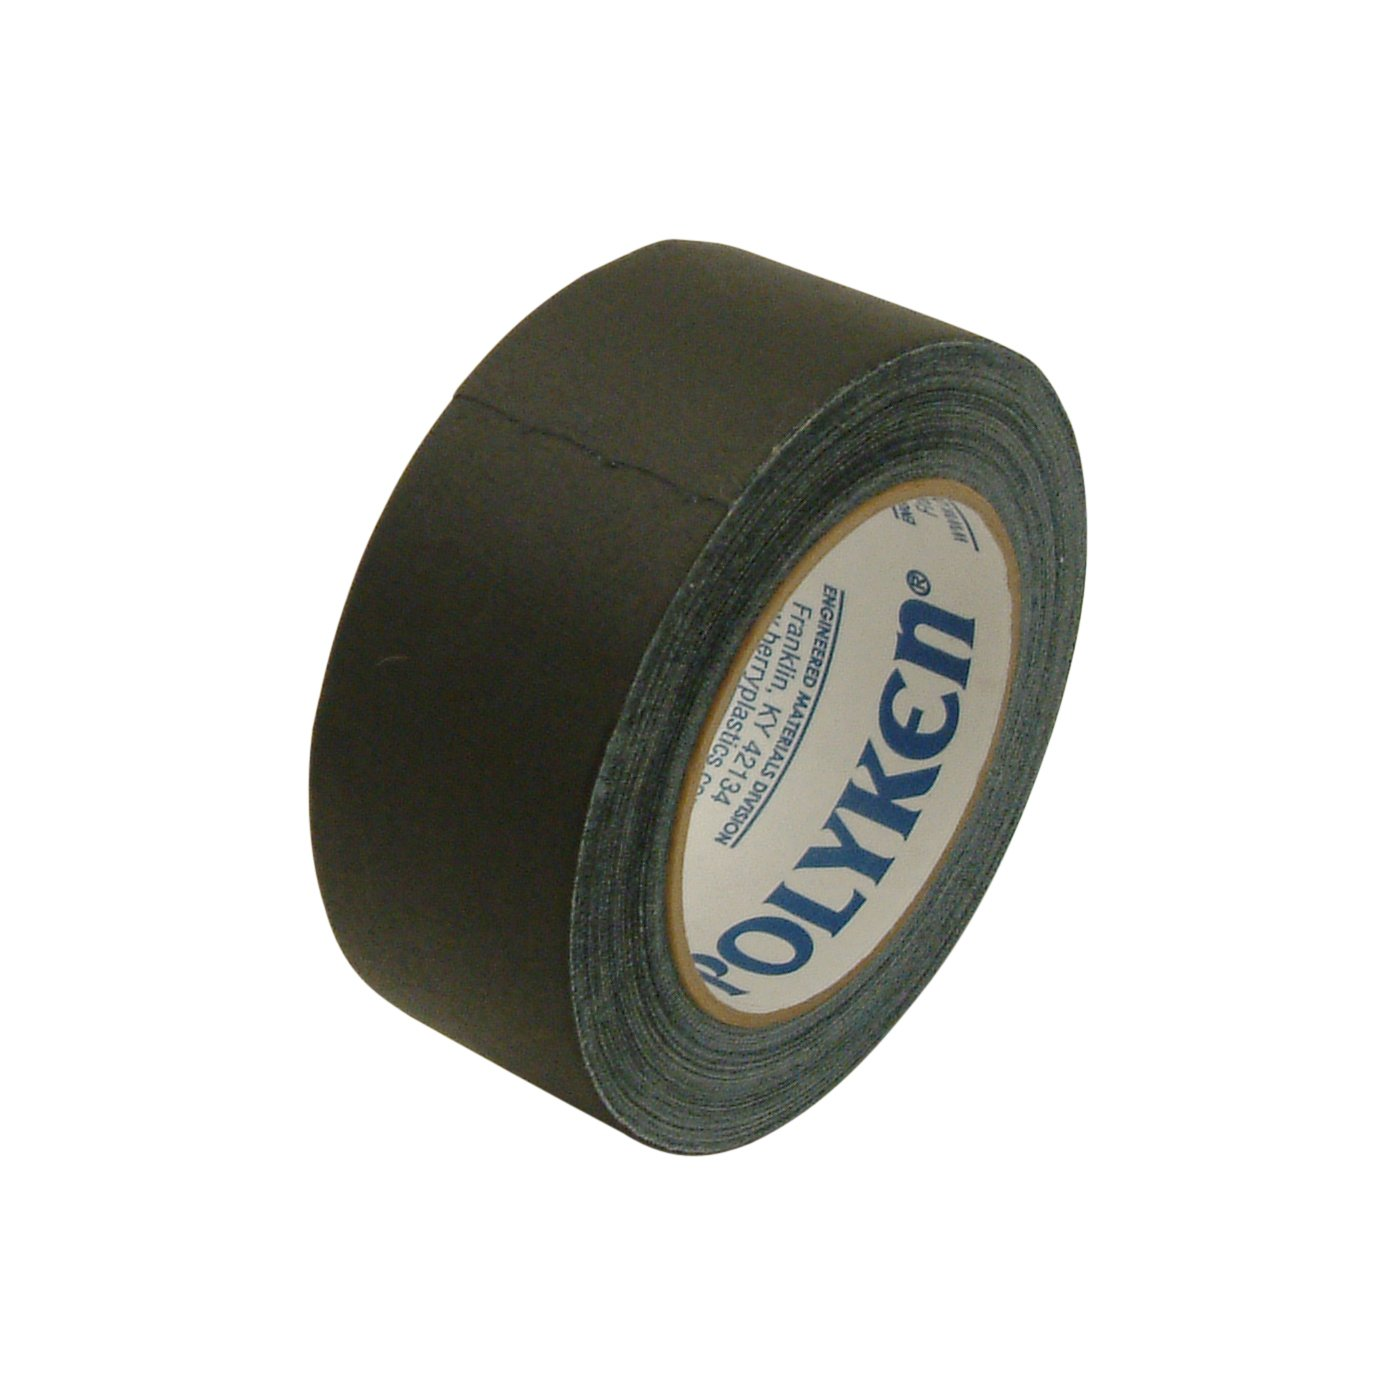 Polyken 510/BLK225 510 Premium Grade Gaffers Tape: 2' x 75 ft.